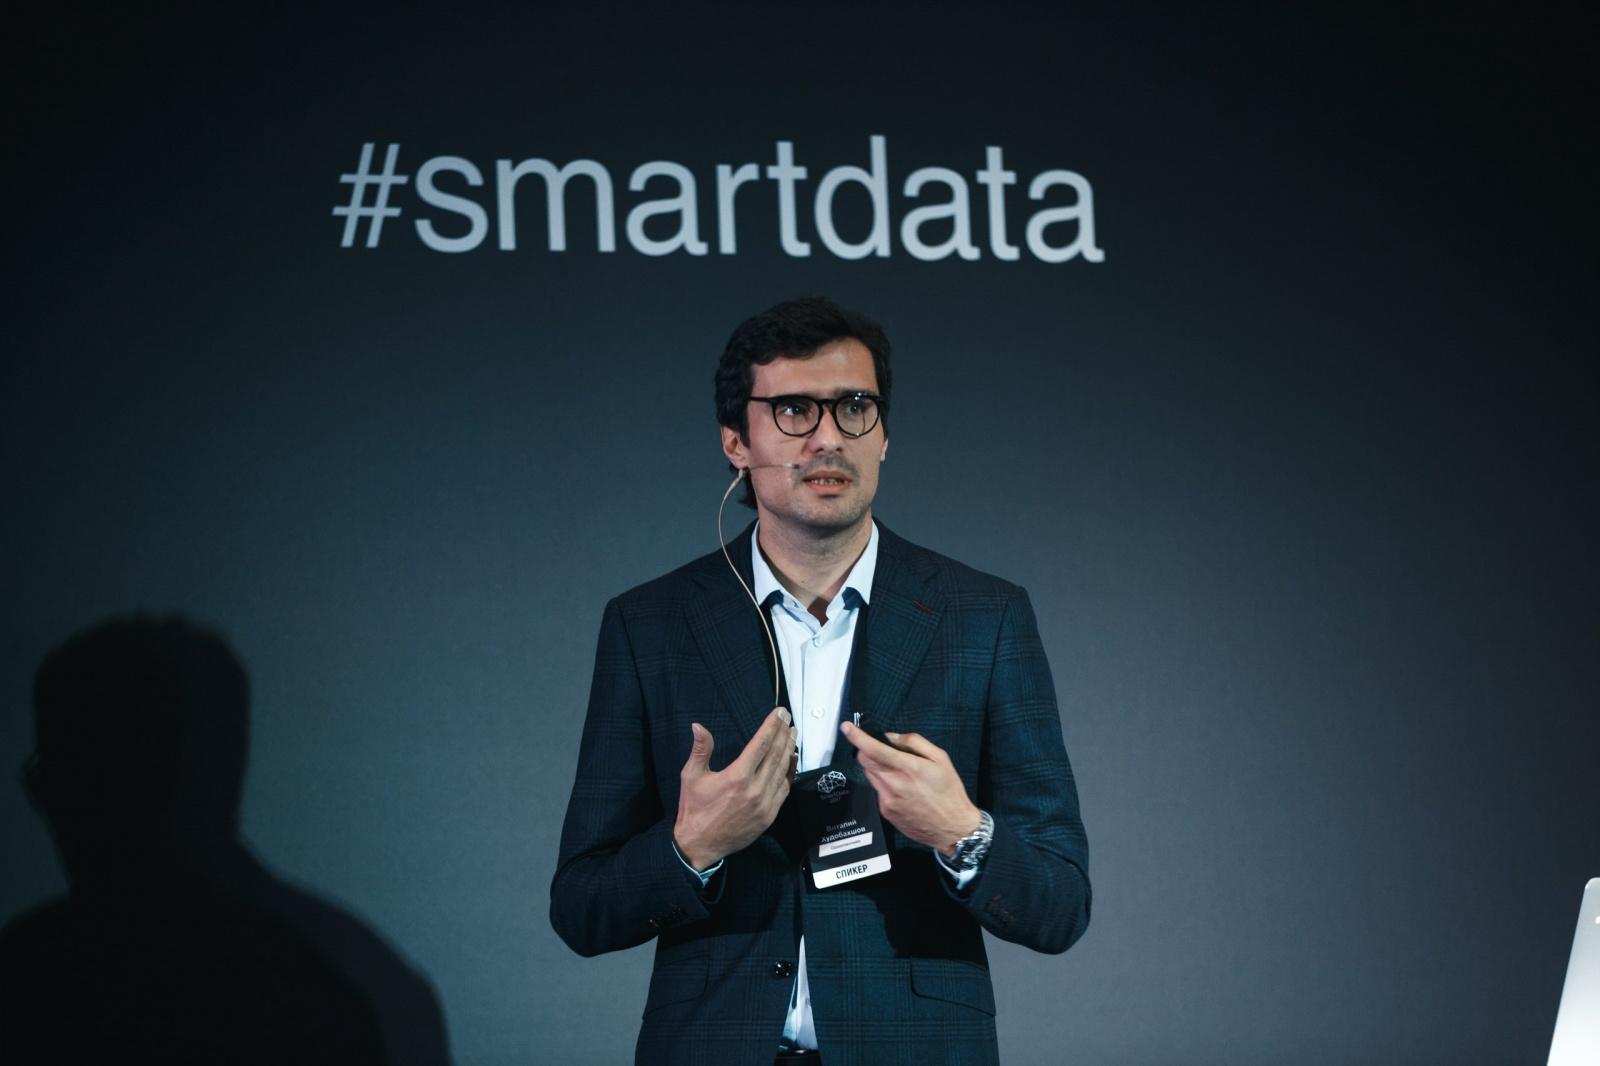 С точностью до сотых: топ-10 докладов SmartData 2017 - 1